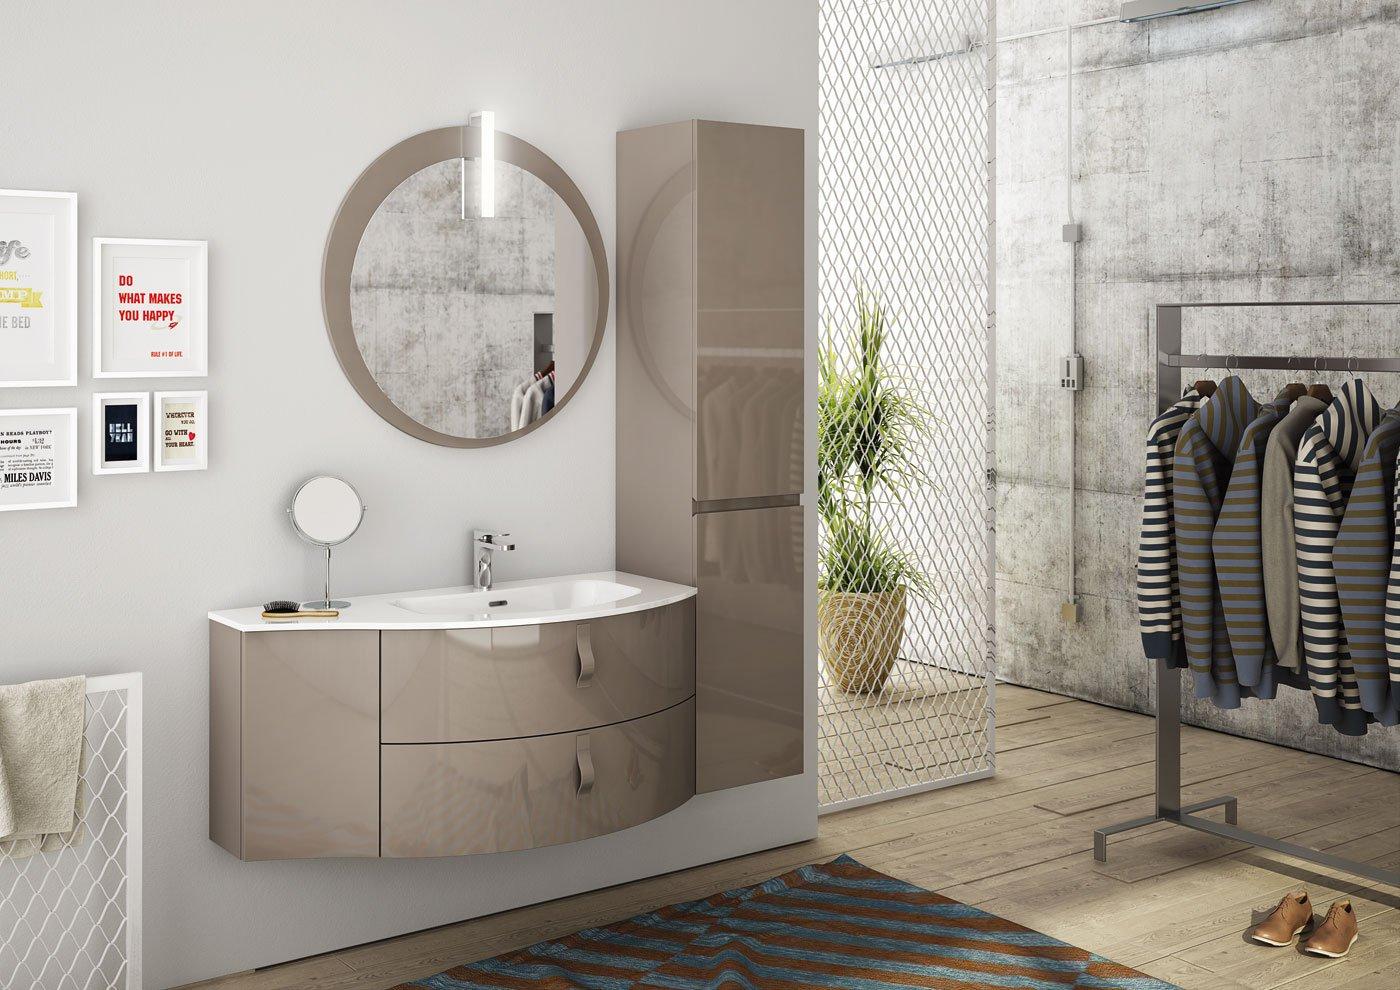 """Mobile da bagno color tortora beige -Lampada led """"PLEXY 30"""" Led lamp """"PLEXY  30"""" Specchio mirror """"DISCO"""" H 80 x L 80 cm, Base p. lavabo curvo 2 ..."""